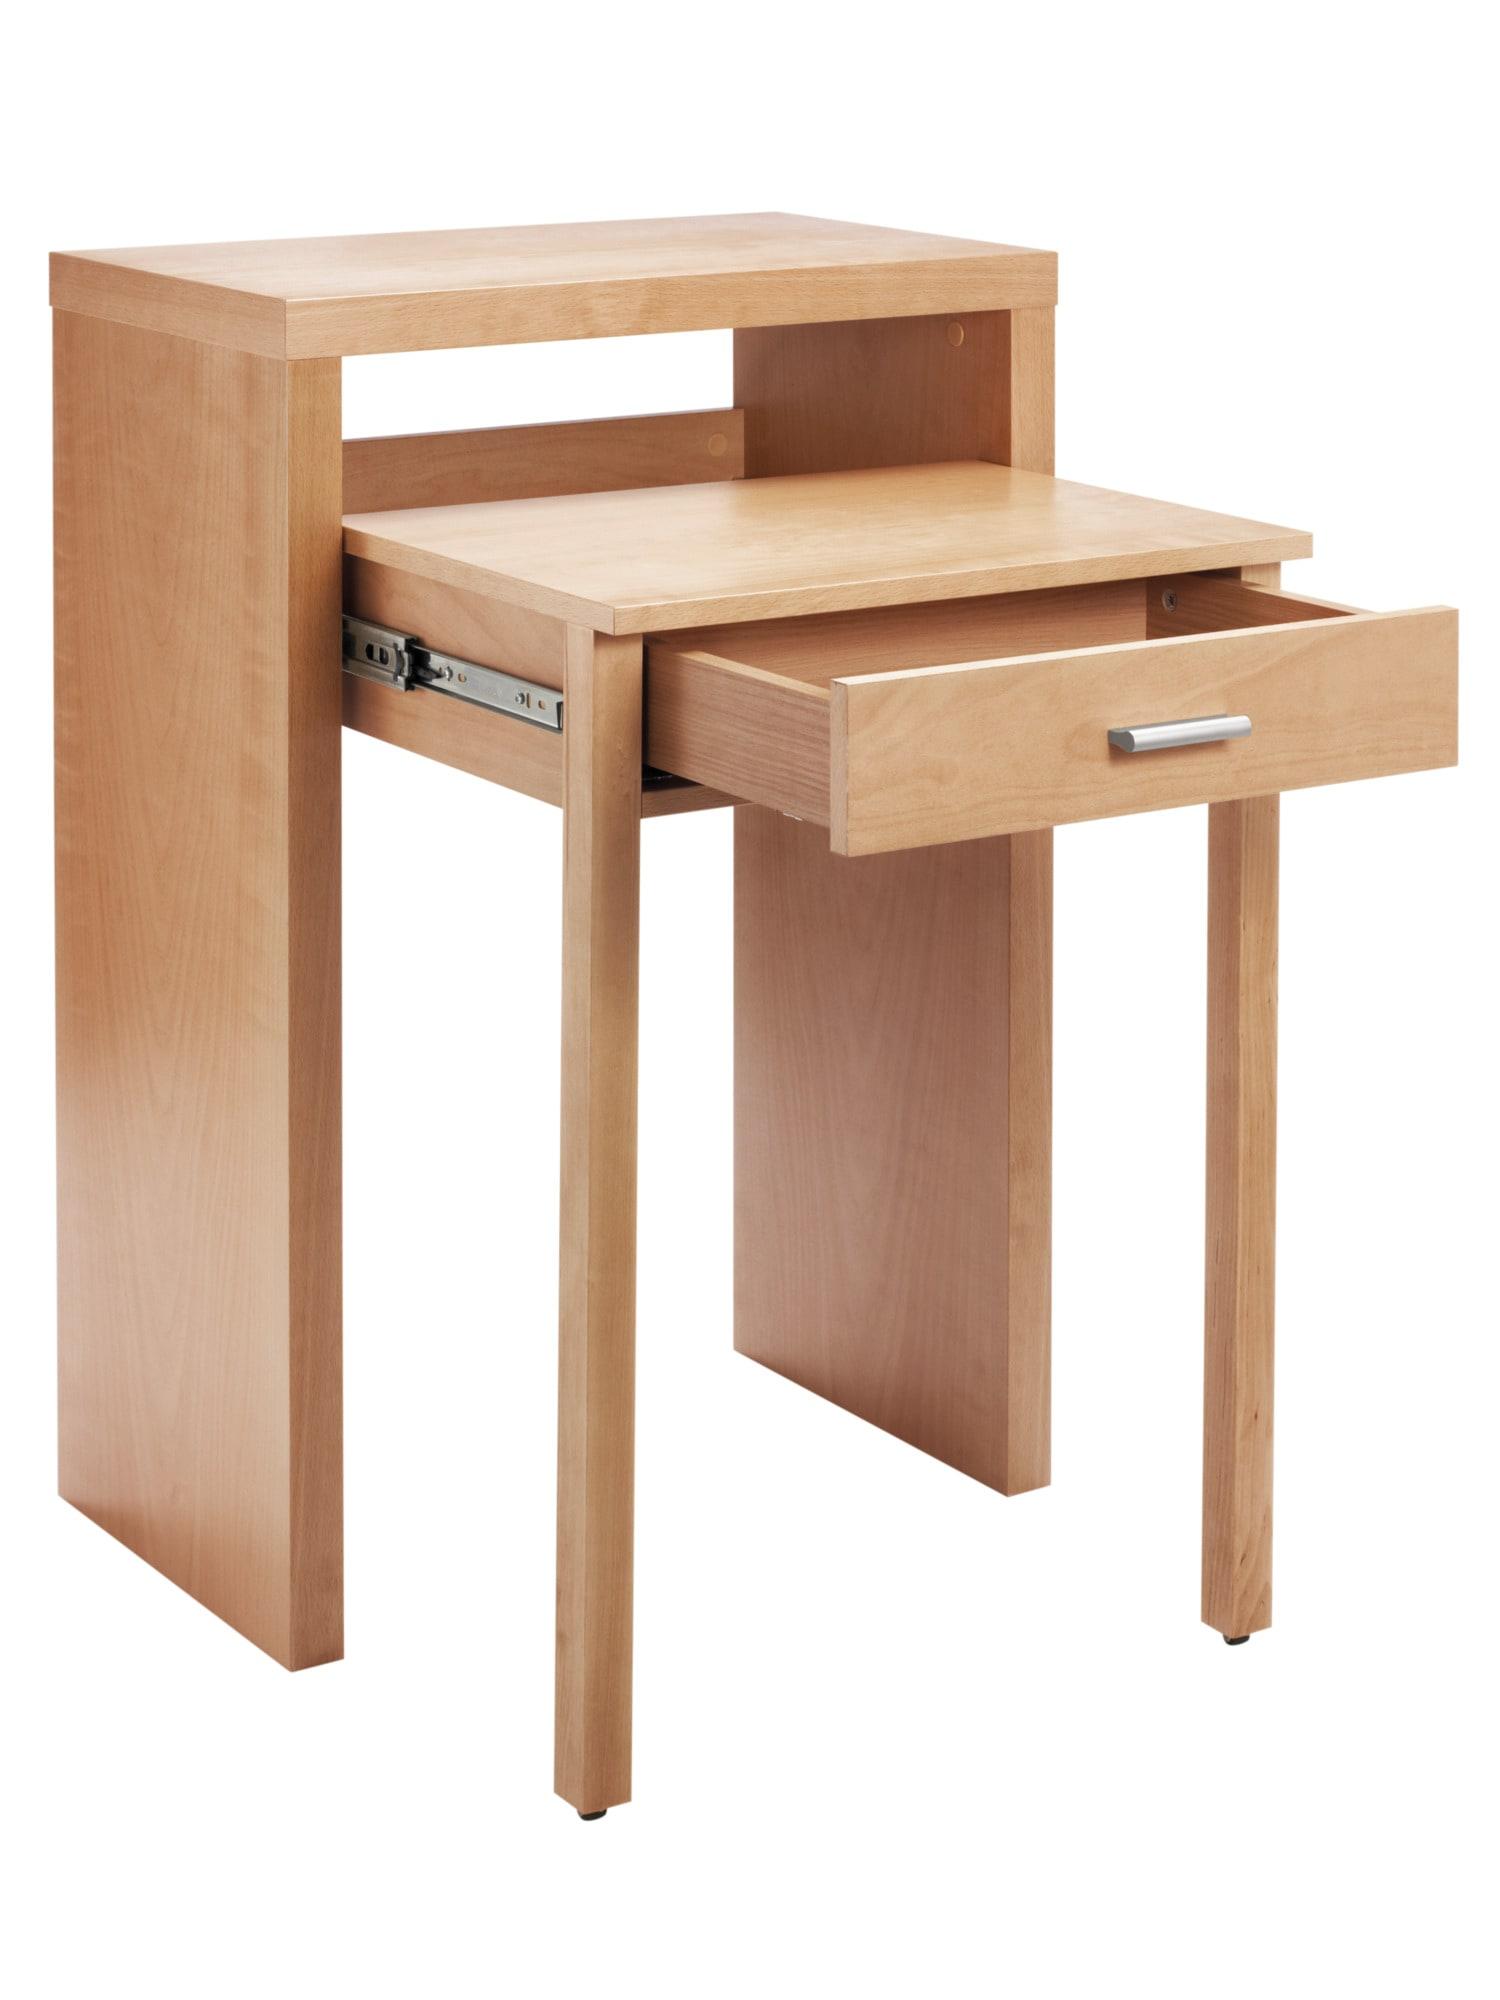 heine home Schreibtisch ausziehbar | 04744448018246